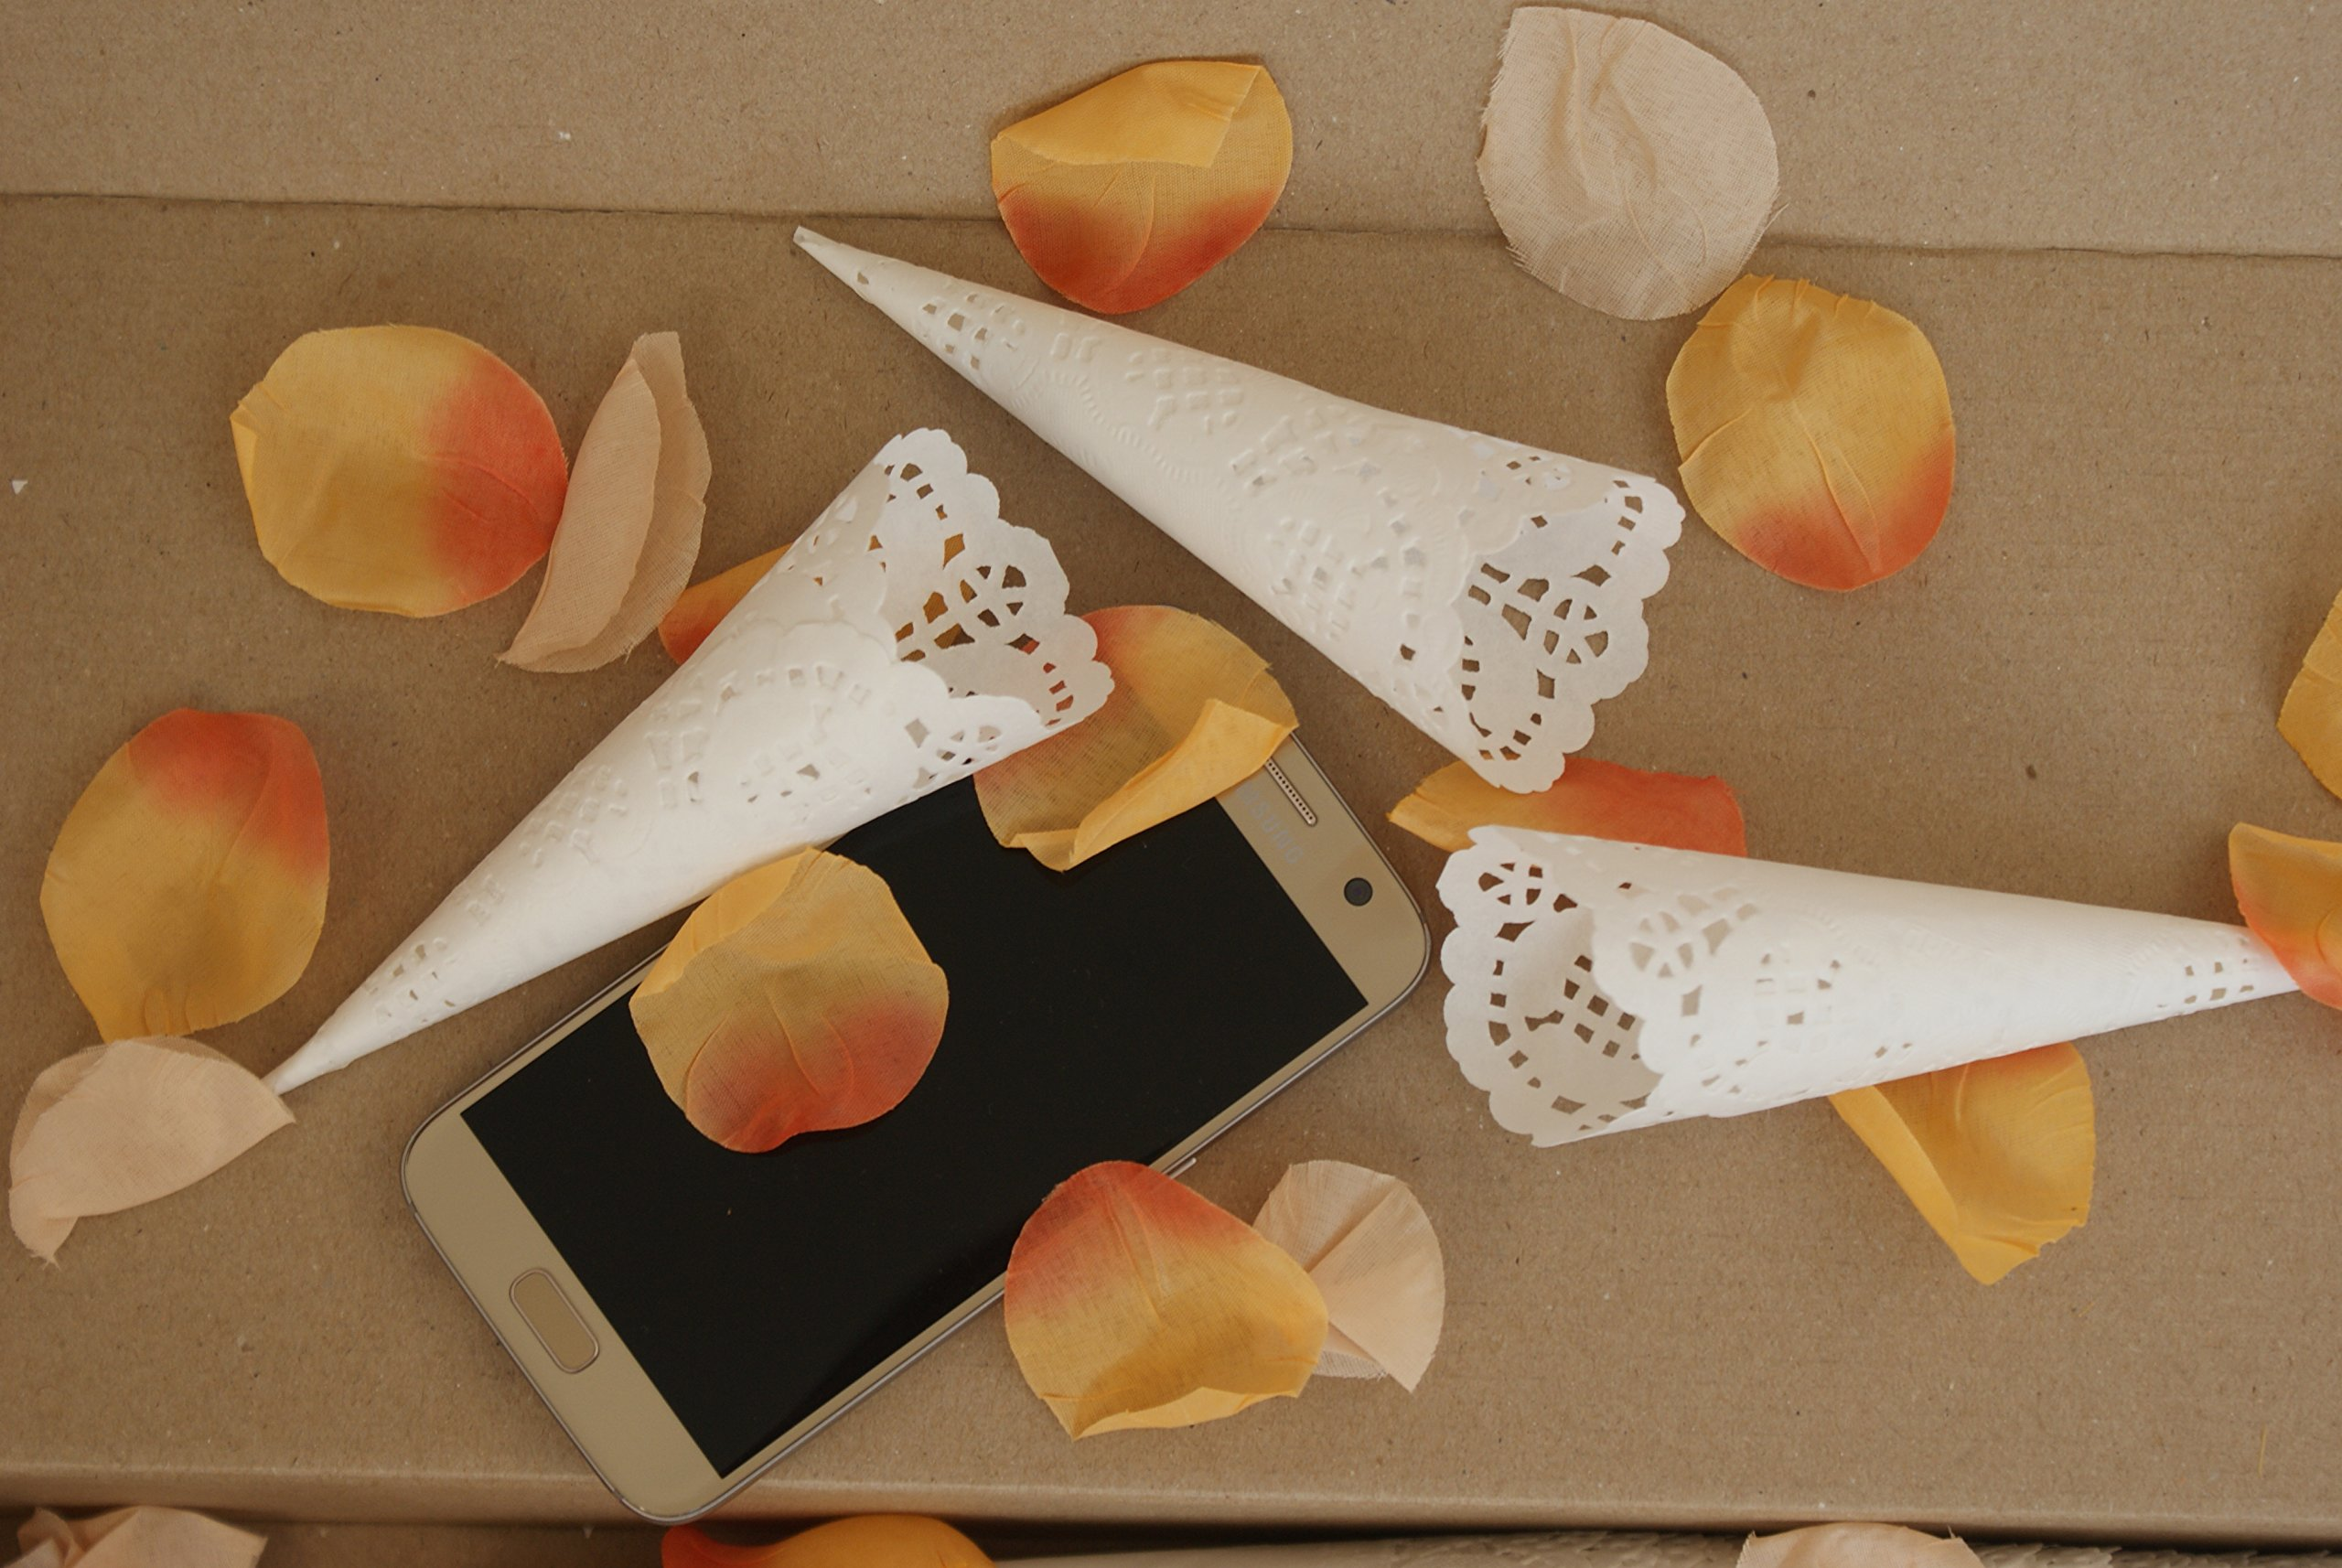 Assembled Confetti toss Cones, Set of 100 Small Cones for Confetti, Lavender, Rice (100)